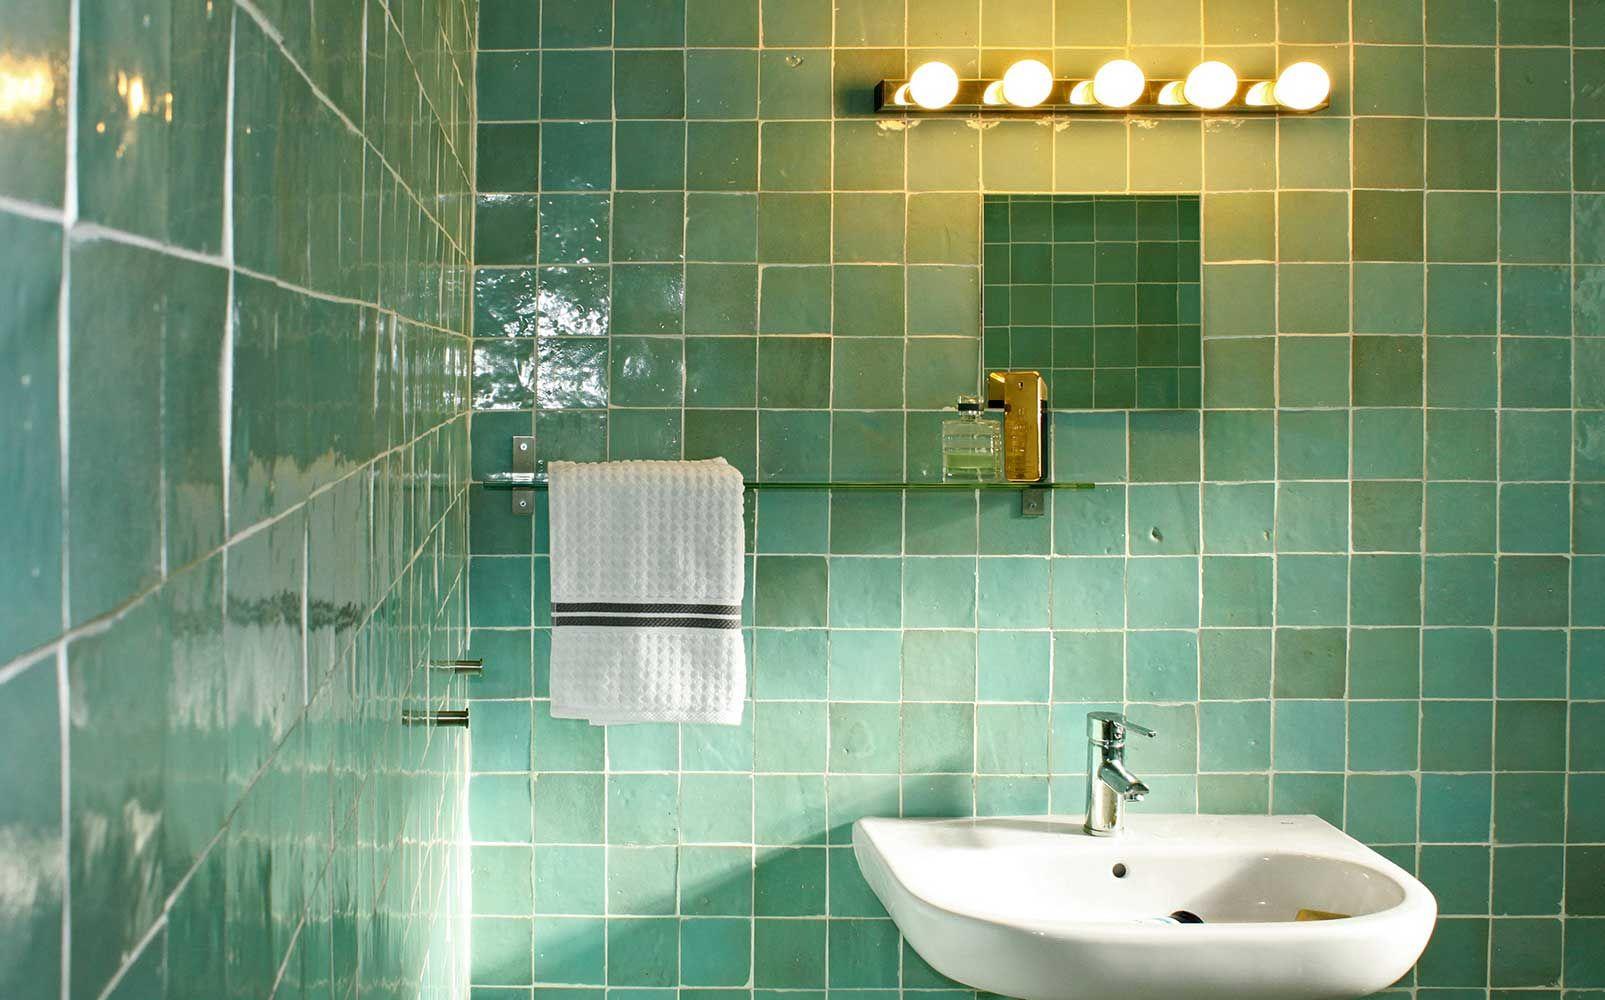 zellige moroccan tiles mosaic del sur http zellige. Black Bedroom Furniture Sets. Home Design Ideas